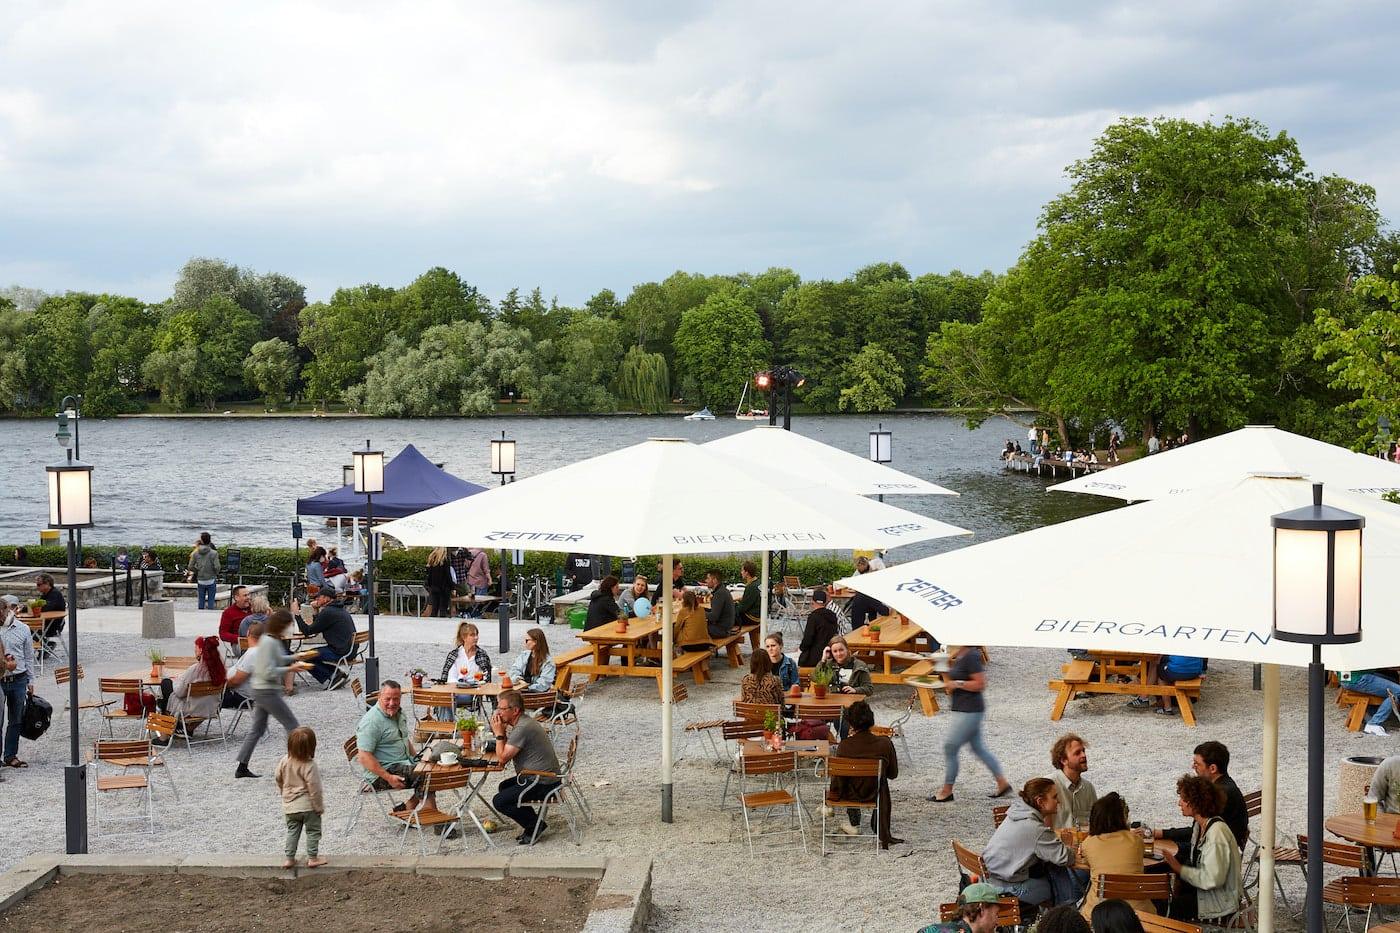 Biergärten für Familien: Zenner Bier- und Weingarten // HIMBEER